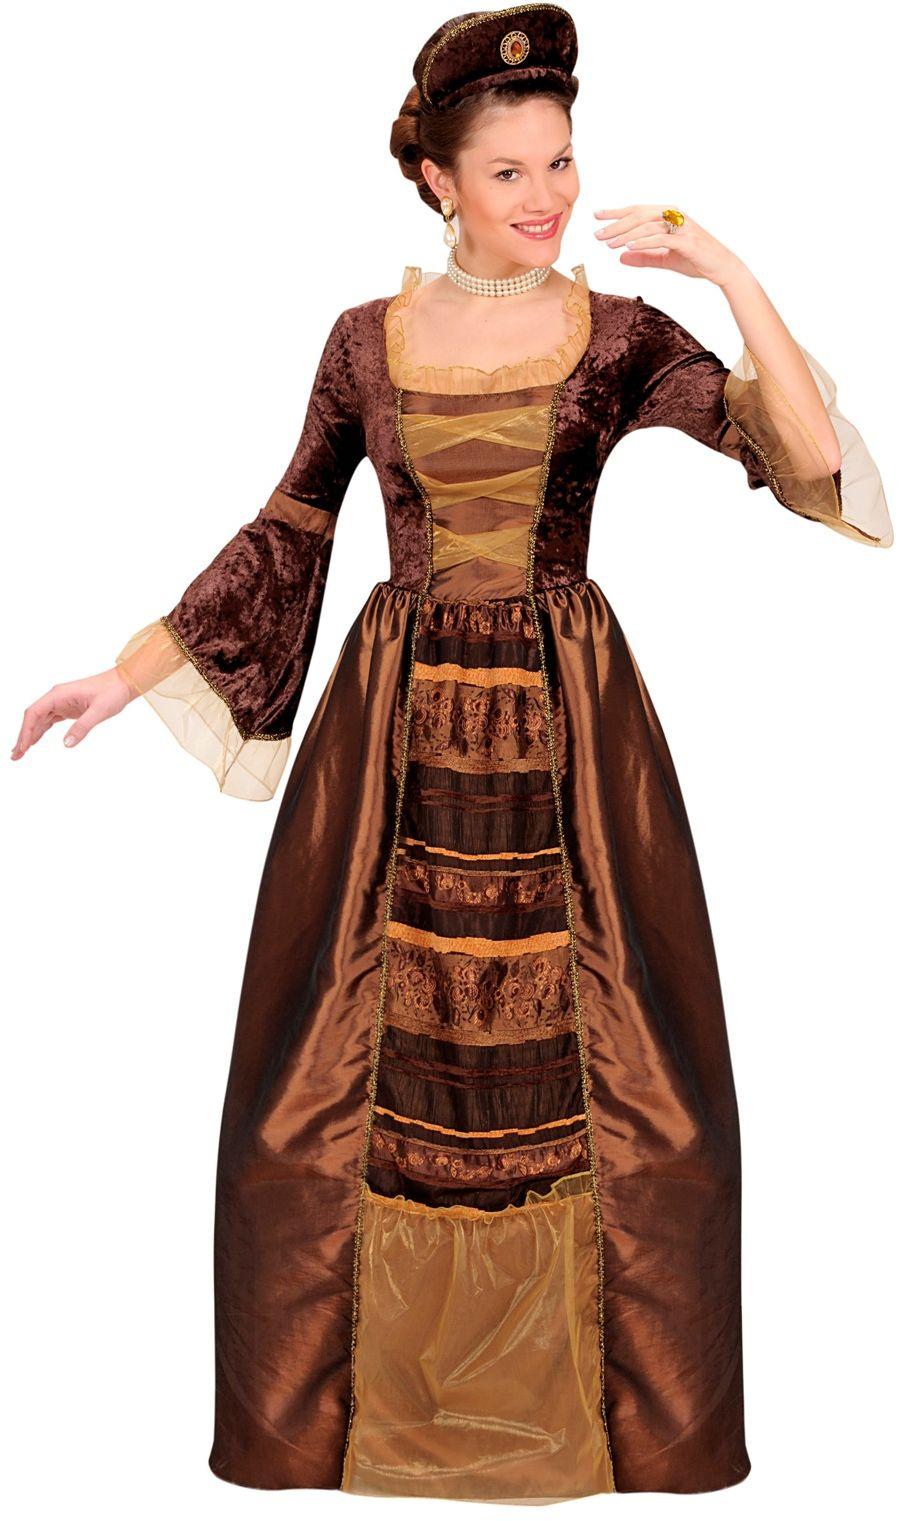 Barones kostuum